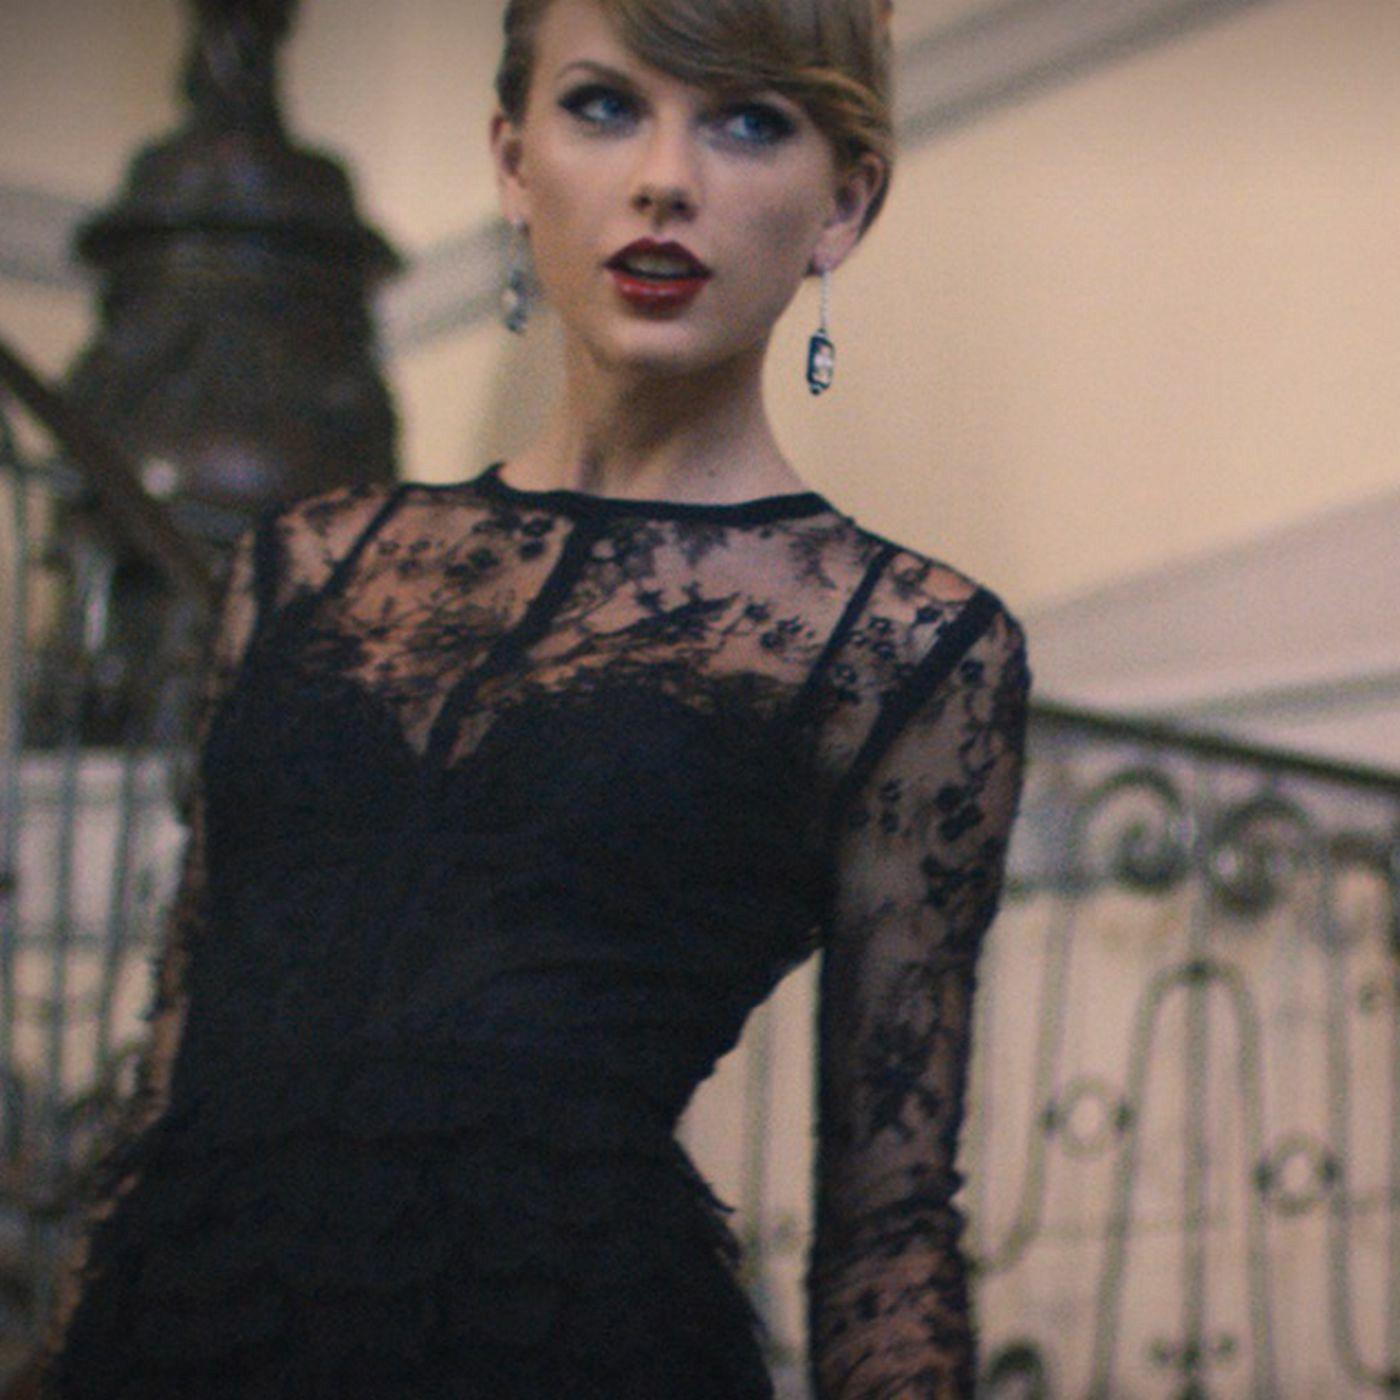 Taylor Swift - Blank Space | Taylor swift, Taylor swift ...